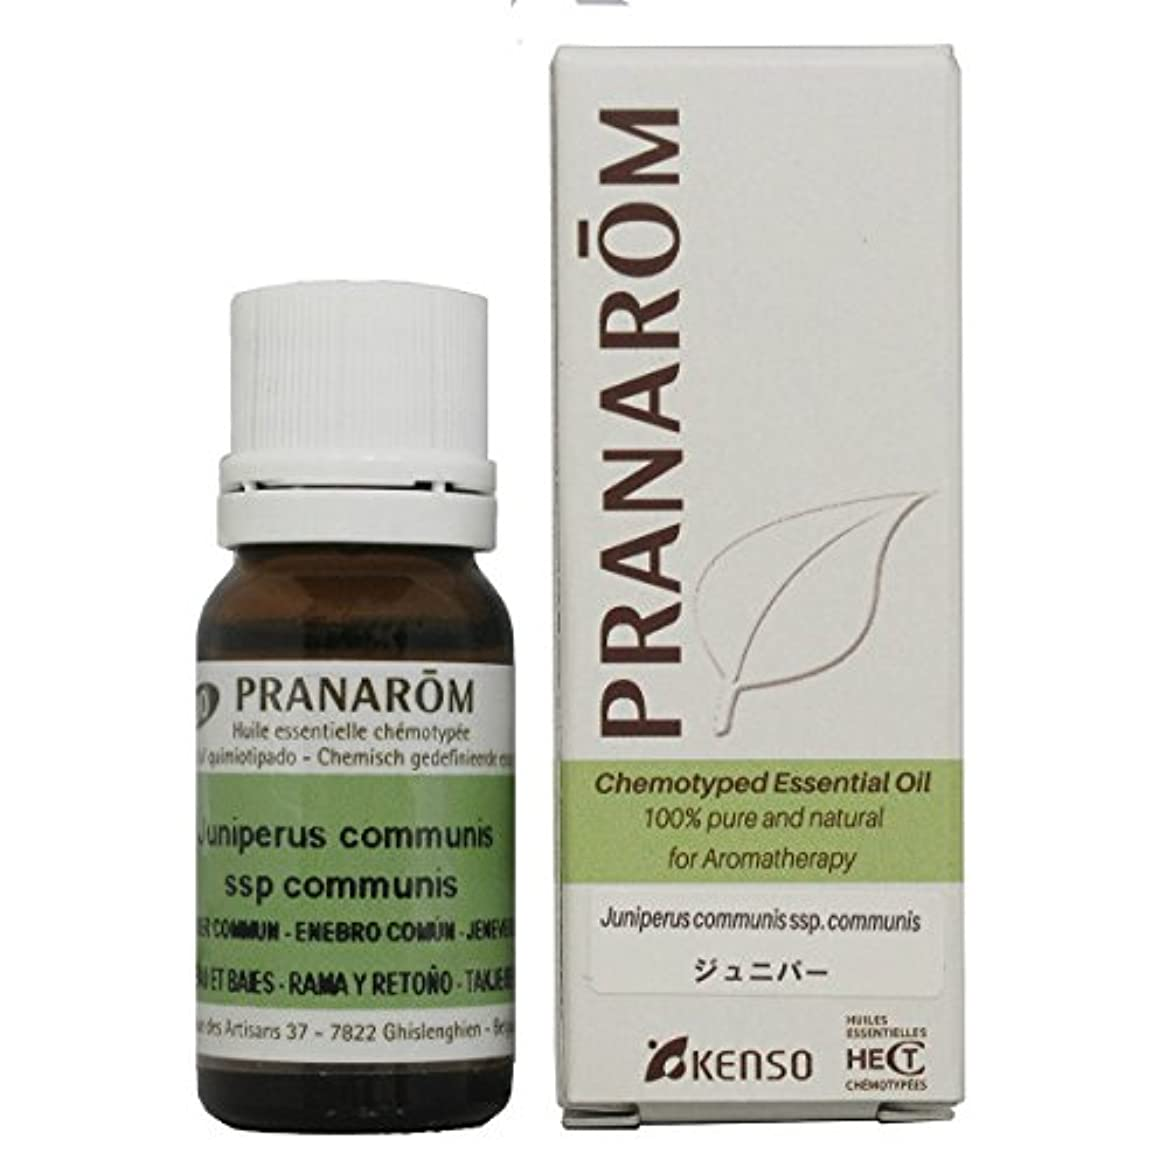 ジム洪水商人プラナロム ジュニパー(葉枝) 10ml (PRANAROM ケモタイプ精油)